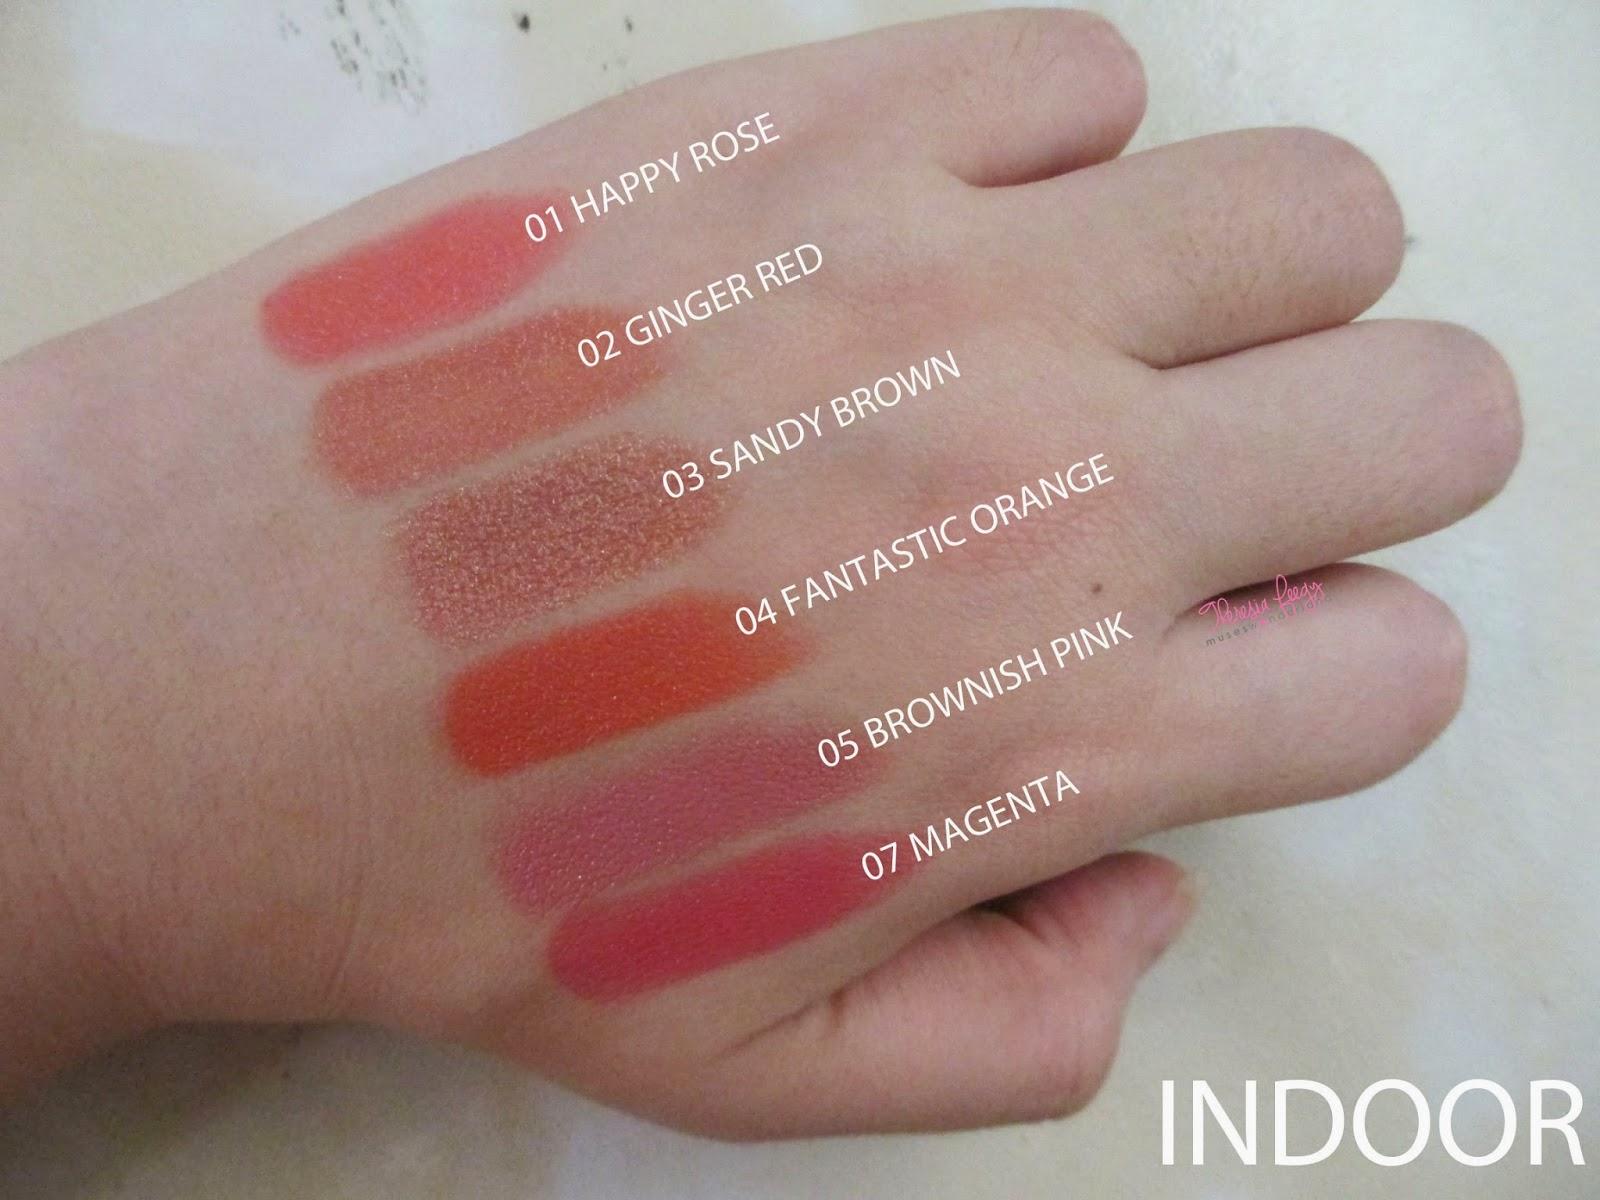 lipstick terbaru dari lt pro bernama glossy lipstick. review dan swatches warna dari koleksi lt pro glossy lipstick. di coba oleh salah satu top blogger di indonesia. moisturizing, melembabkan, pigmentasi tinggi, high pigmentation dan long lasting, tahan lama. pilihan semua makeup artist professional di indonesia